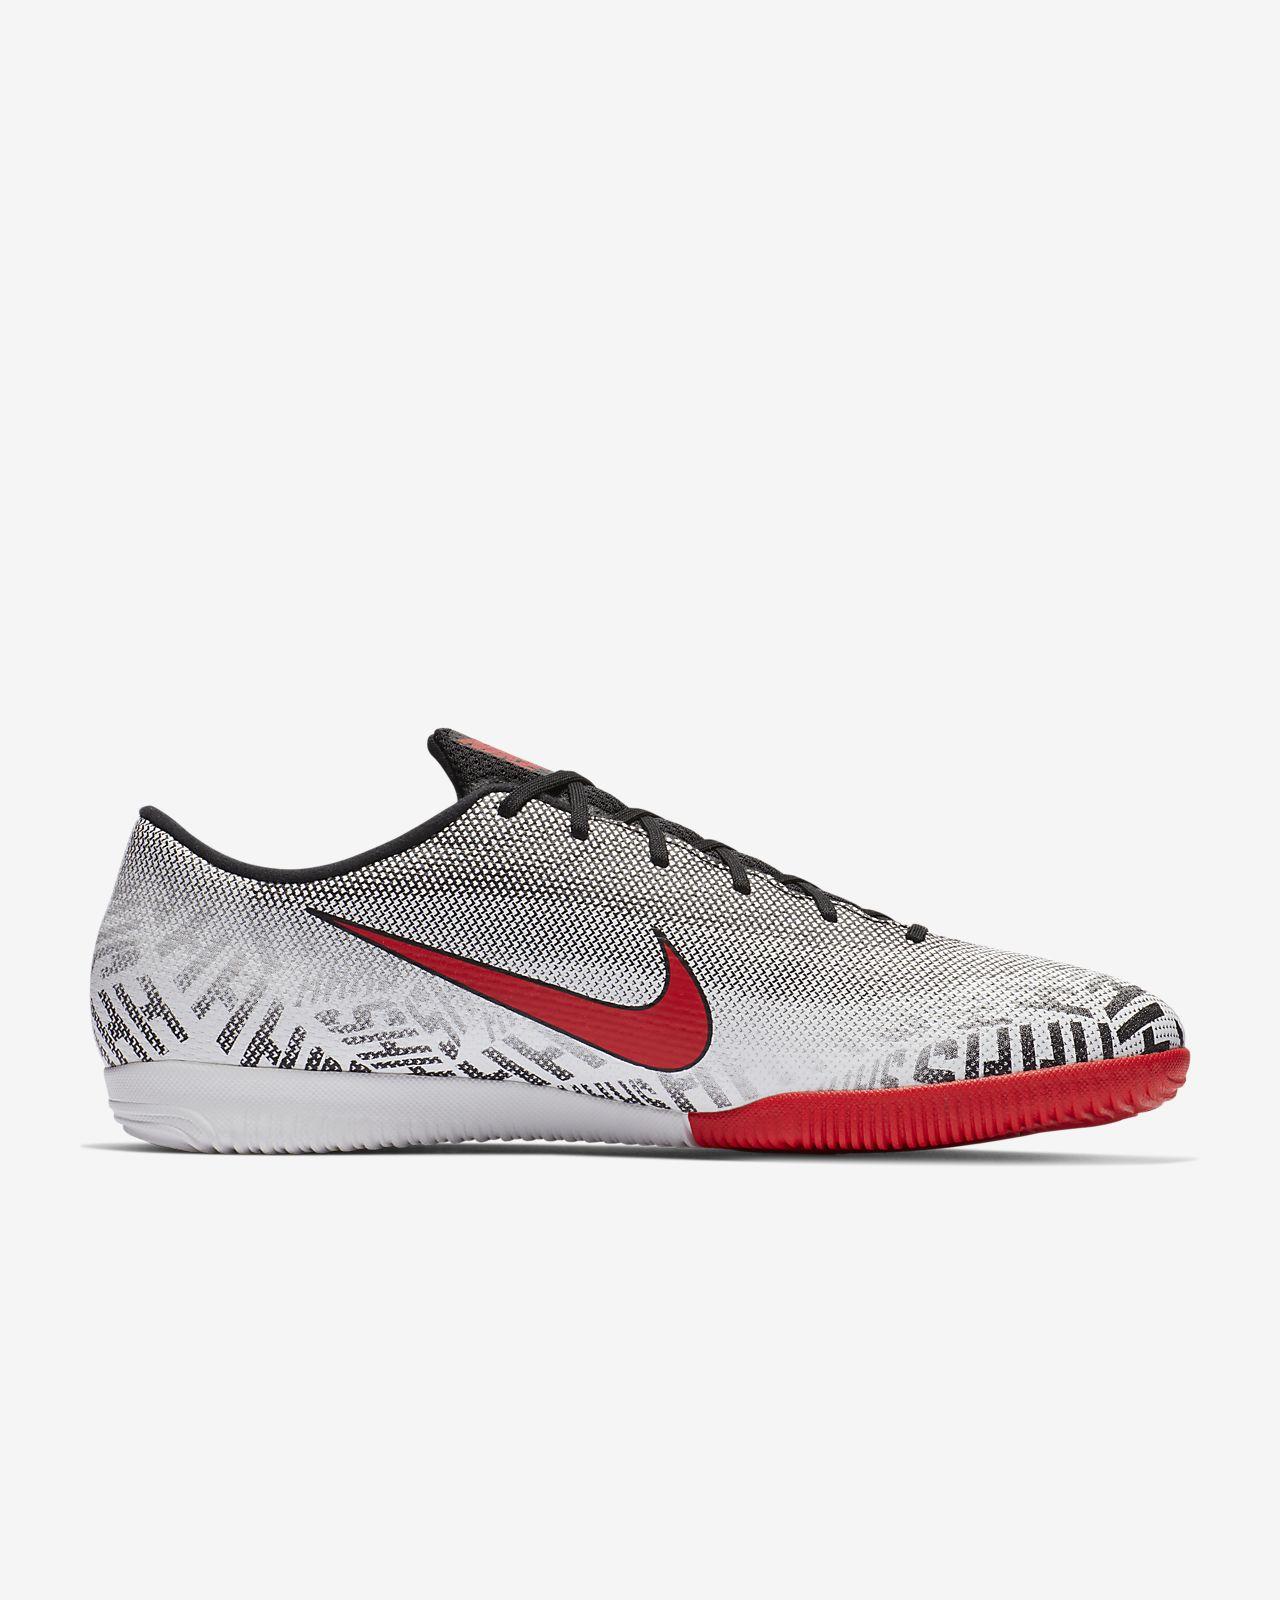 df72daf7701 ... Nike Mercurial Vapor XII Academy Neymar Jr Indoor/Court Soccer Shoe